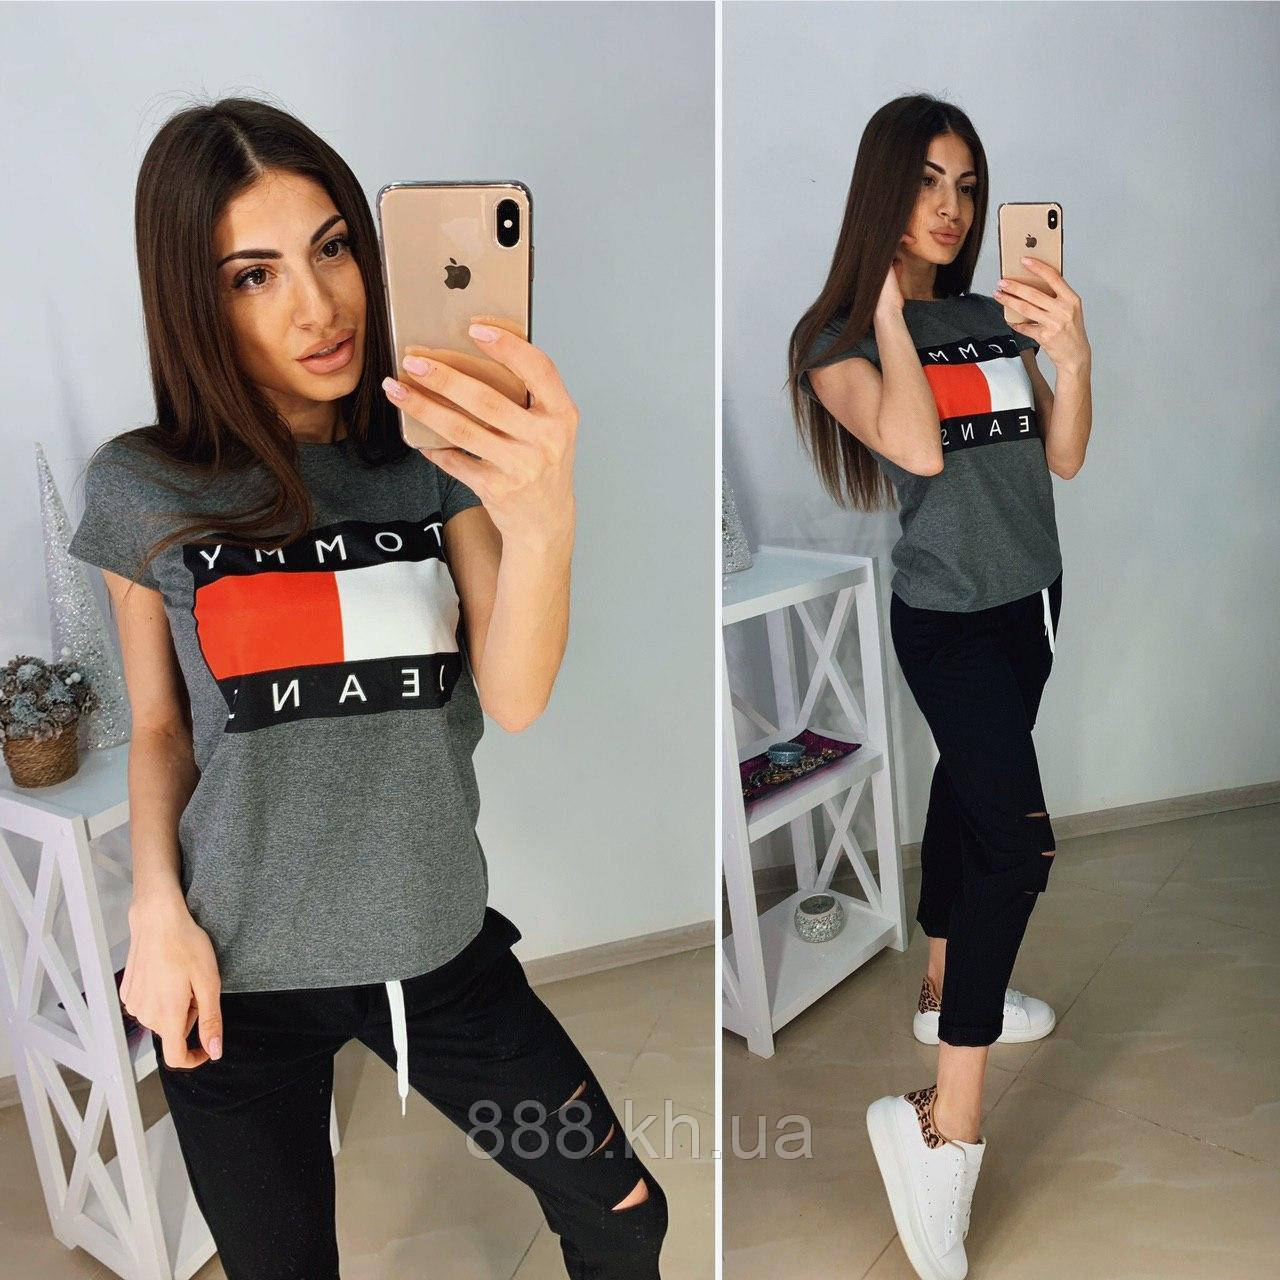 Женский комплект TH, турецкий трикотаж S/M/L/XL